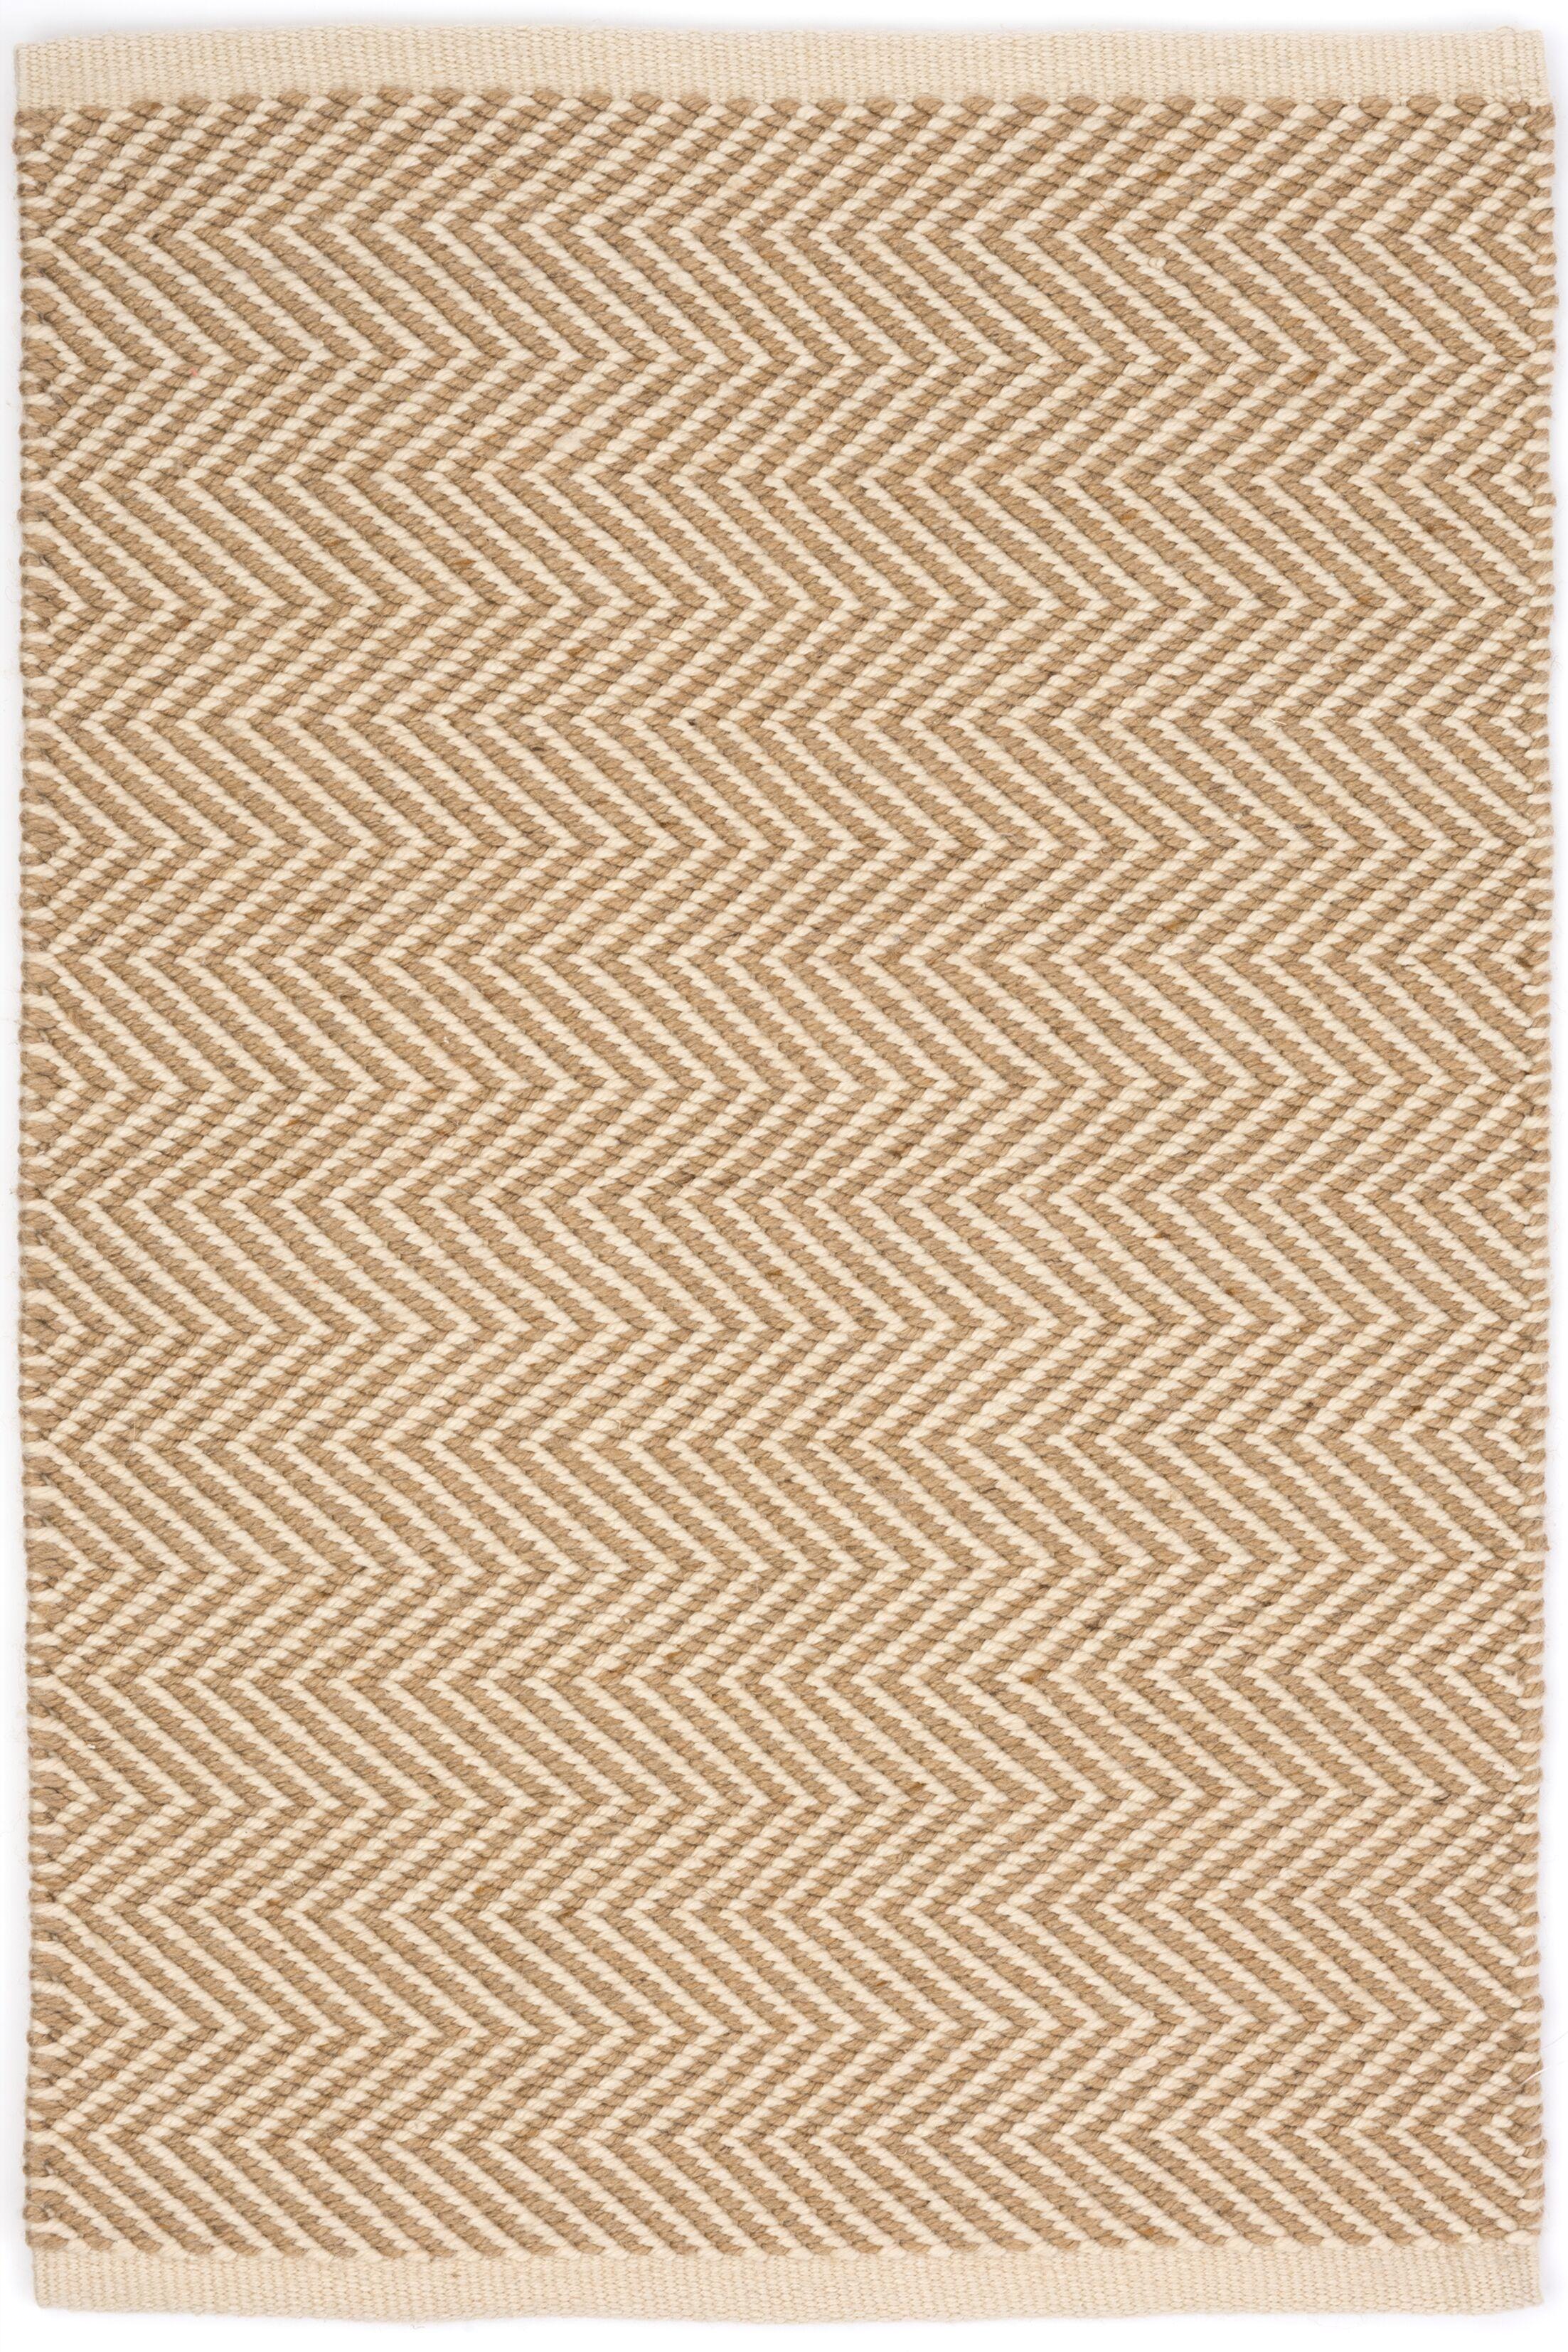 Arlington Hand Woven Beige Indoor/Outdoor Area Rug Rug Size: Rectangle 5' x 8'